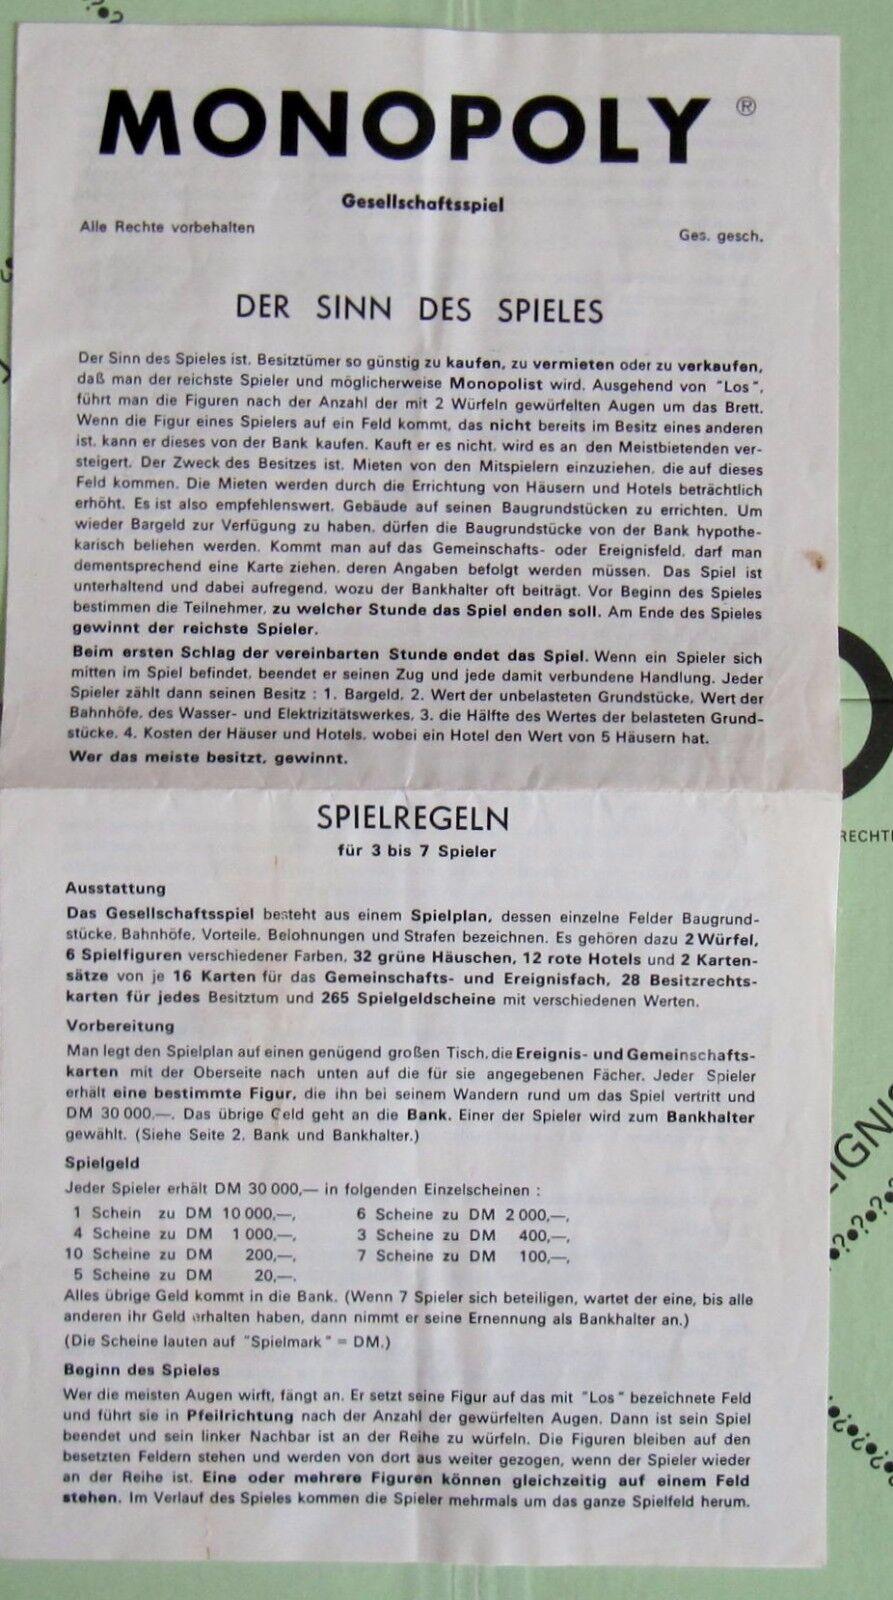 TOP ZUSTAND MONOPOLY  MONOPOLY ZUSTAND von SCHMIDT 1966  WEISSER SPIELPLAN  100 %  VOLLSTÄNDIG 37ecd1